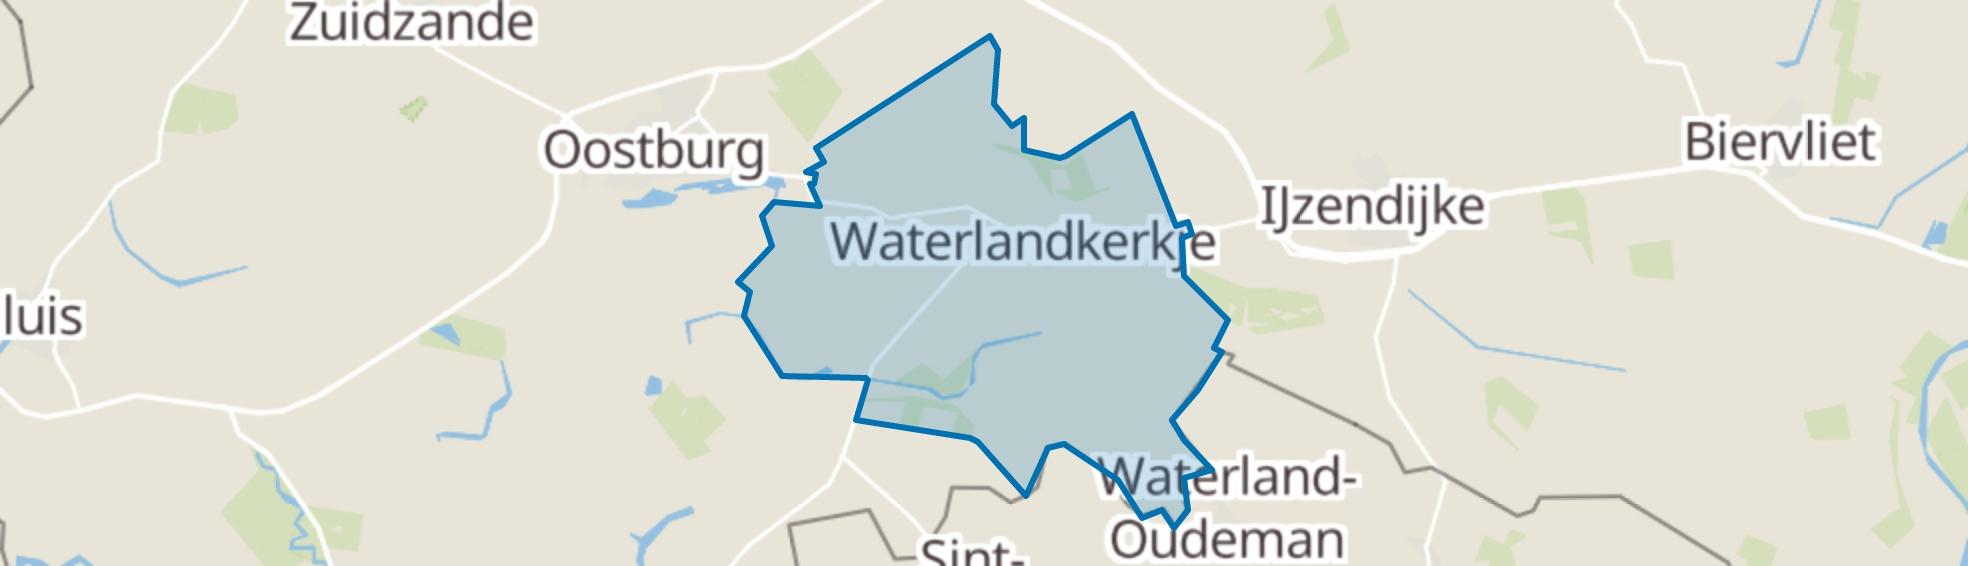 Waterlandkerkje map